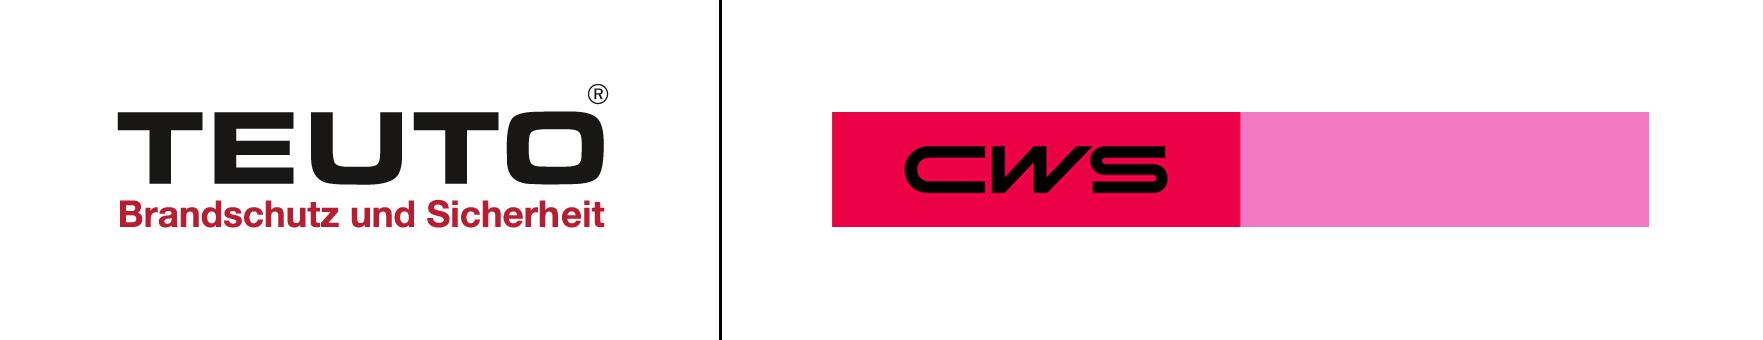 TEUTO Brandschutz und Sicherheit GmbH ist jetzt CWS Fire Safety GmbH - der Brandschutz aus der CWS-Gruppe